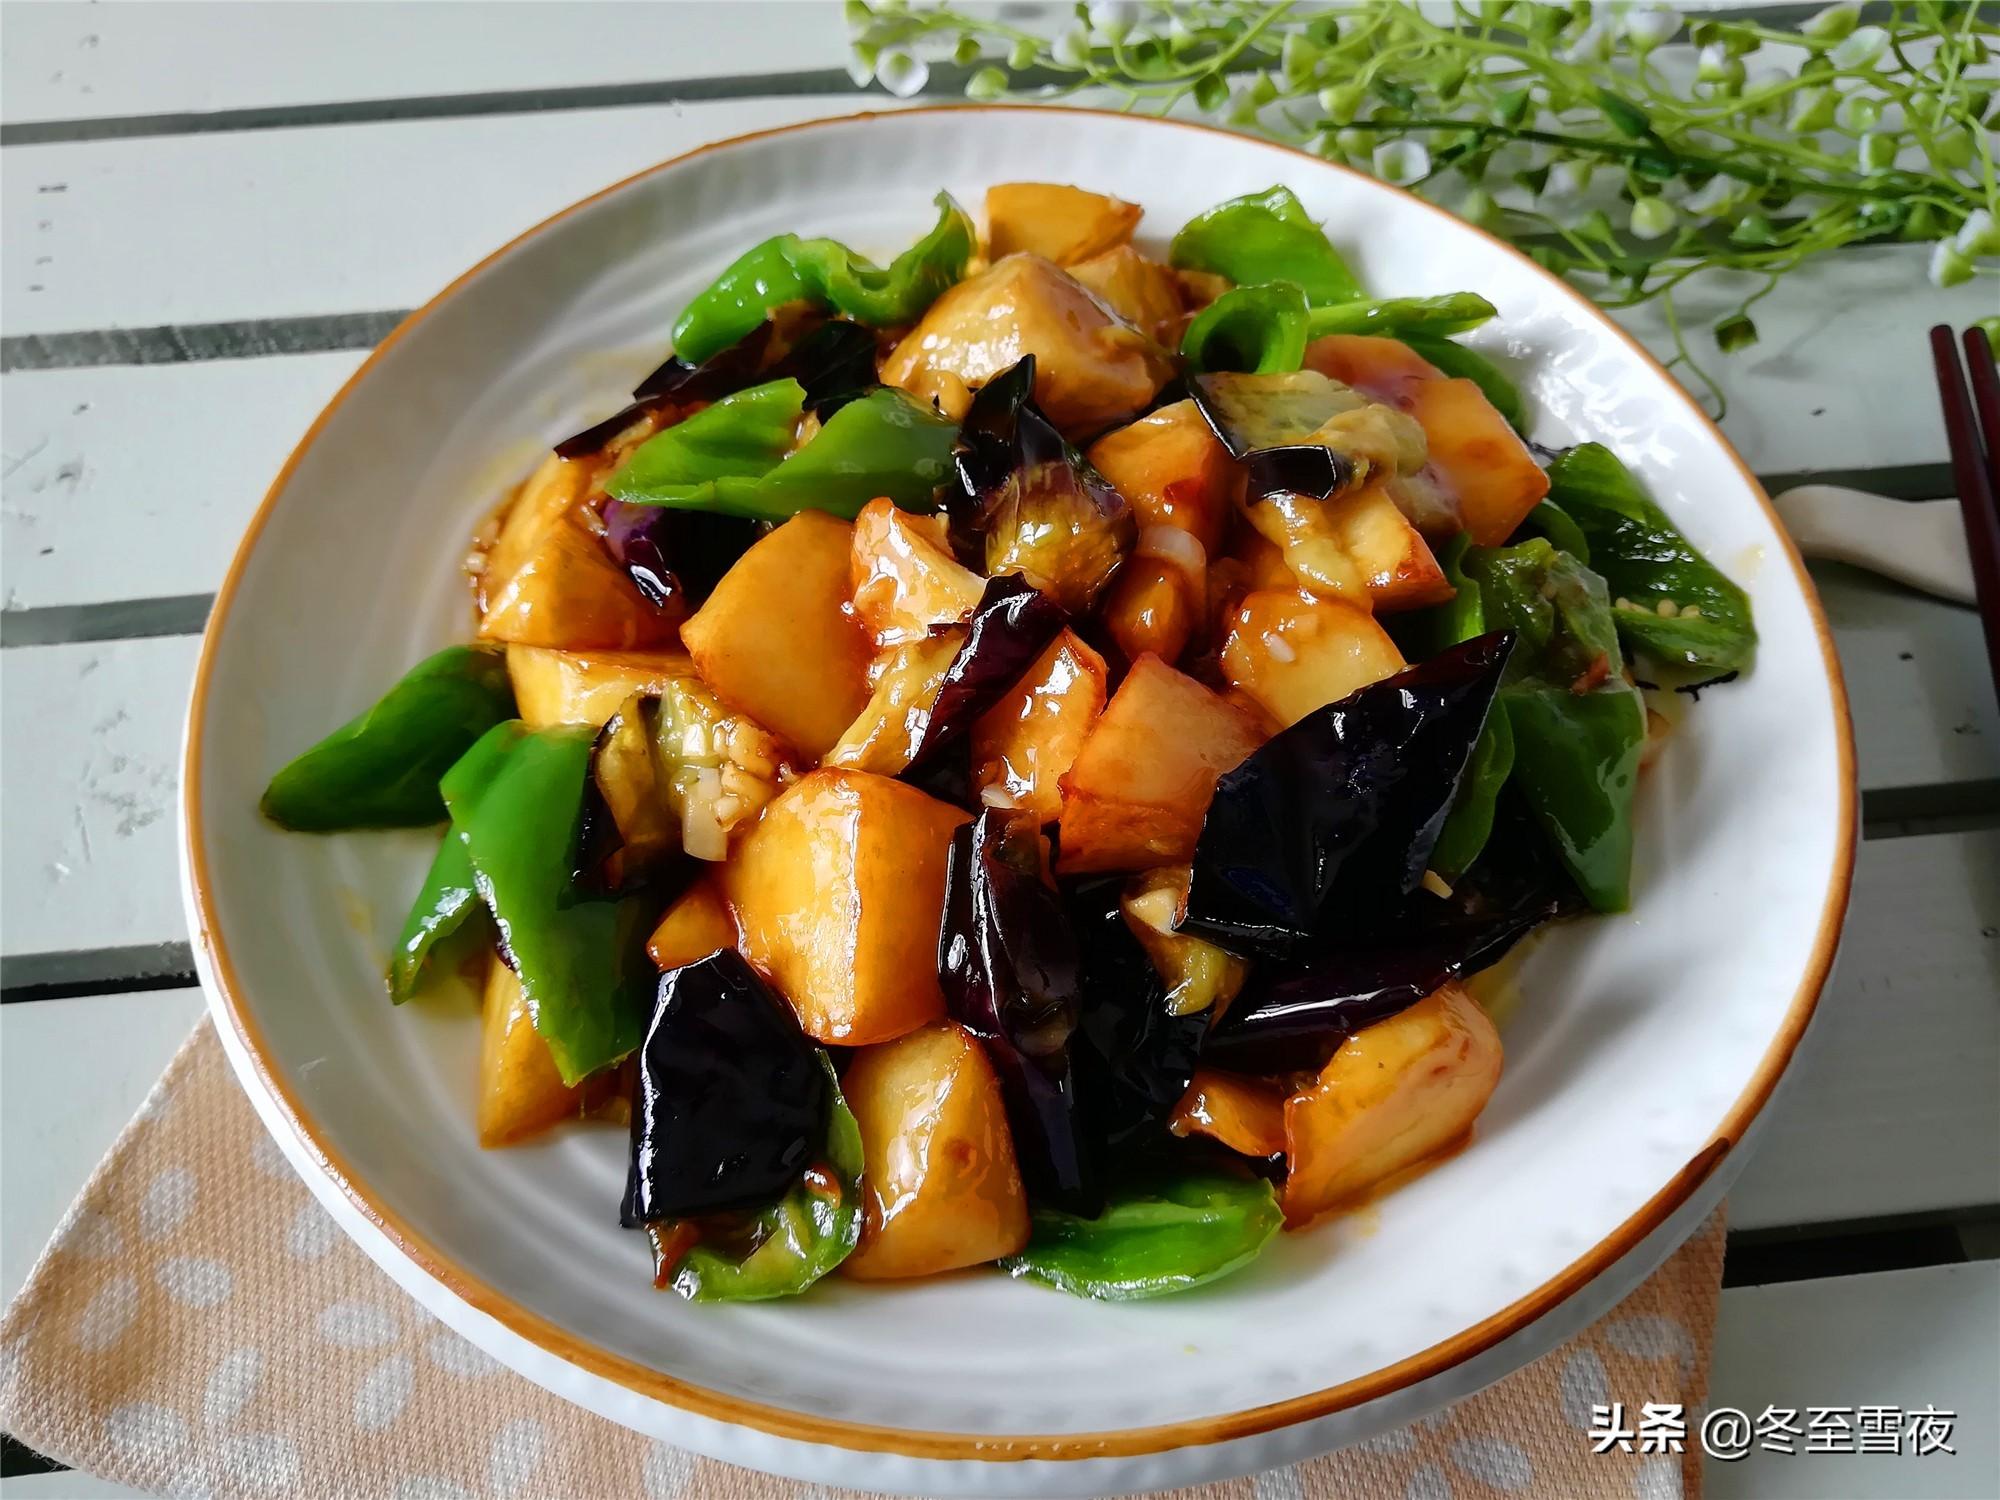 冬季,东北人最稀罕吃的14道家常菜,都是东北味儿,家常又好吃 东北菜谱 第1张